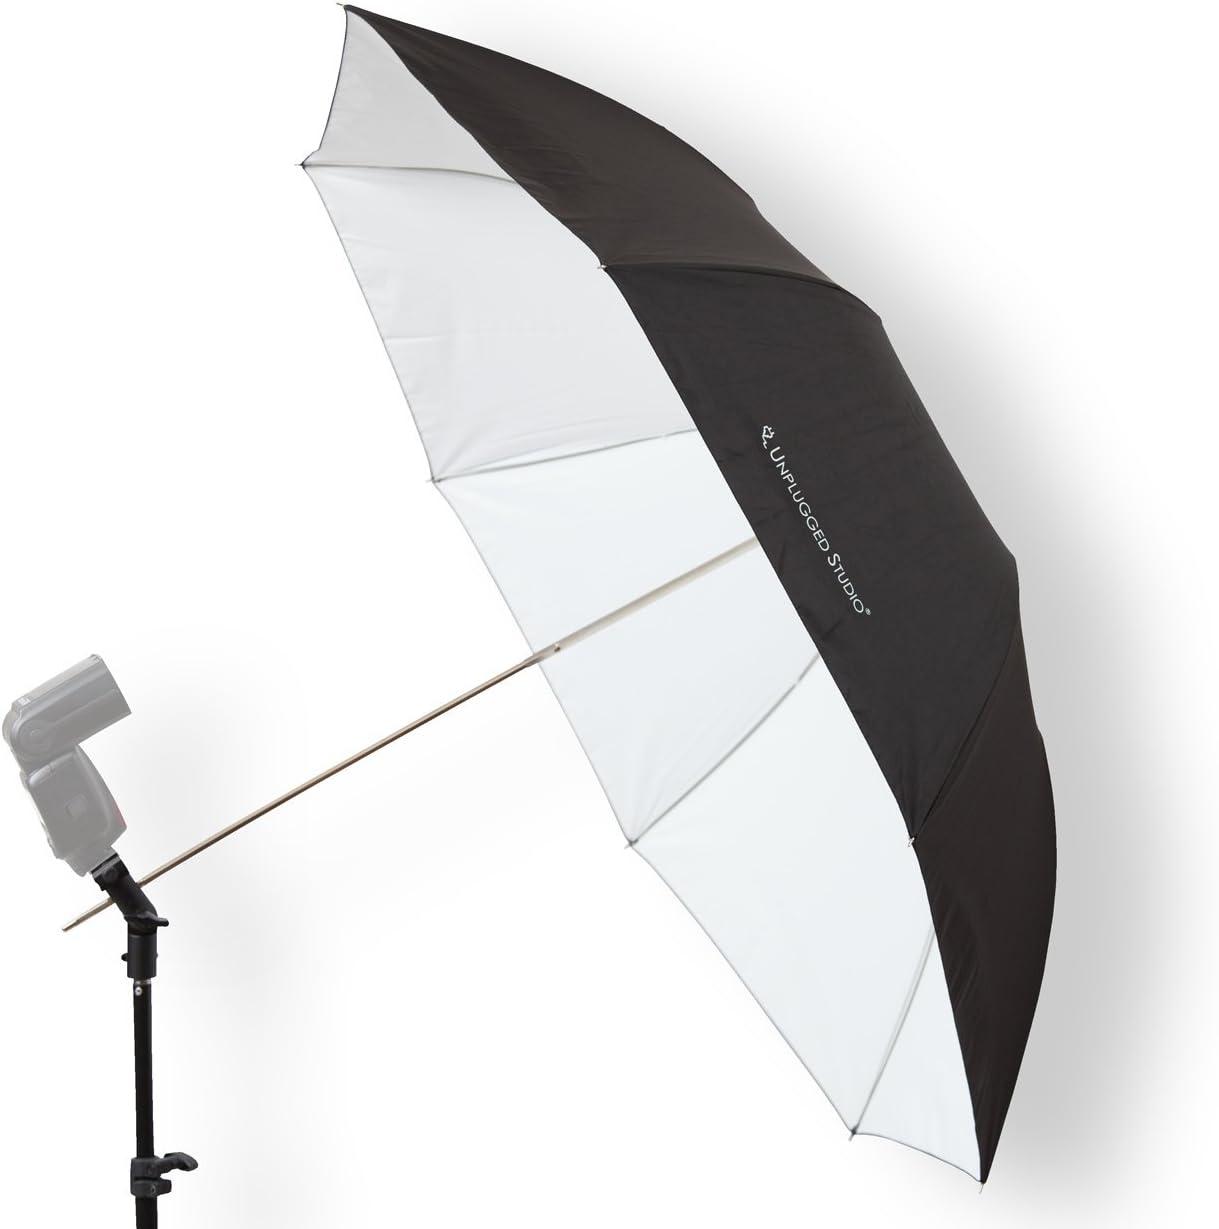 UNPLUGGED STUDIO 36 Collapsible White Umbrella UN-039